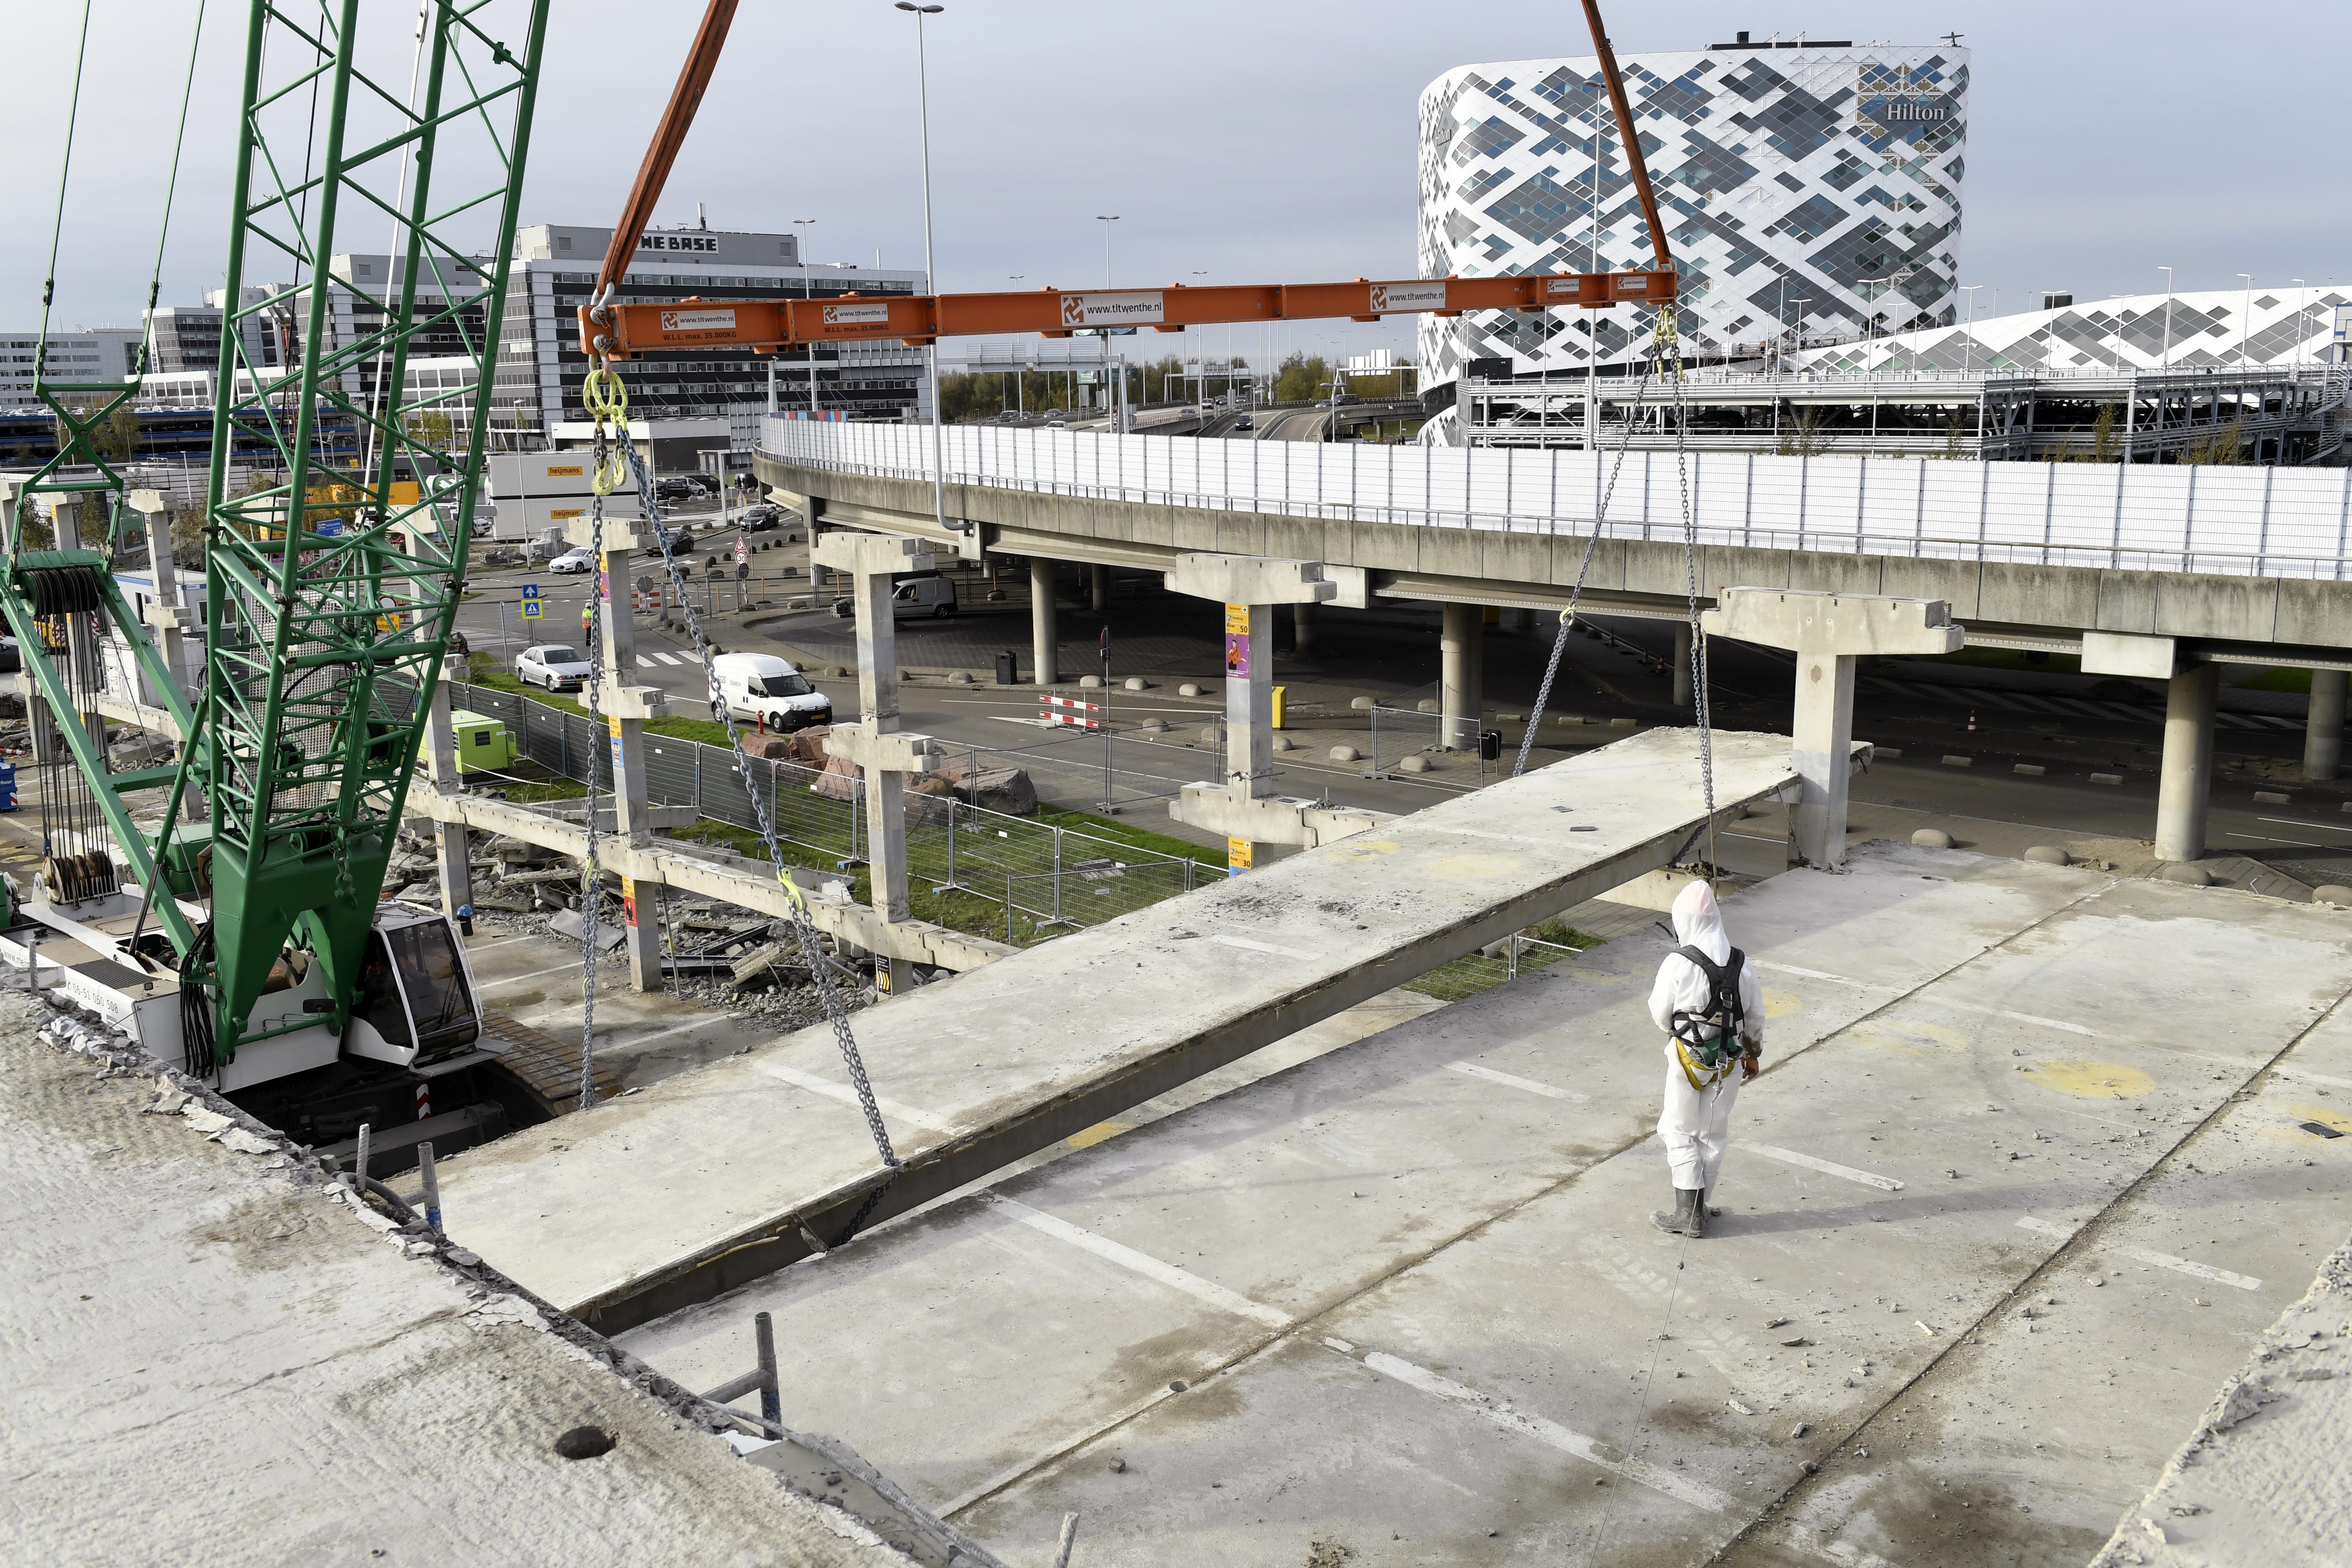 <p>In totaal moeten 1.500 TT-plaatvloeren worden afgehesen, die per stuk zon 20 ton wegen. RGS heeft daarvoor een Liebherr LR 1150 en een Sennebogen 5500 ingehuurd.</p>